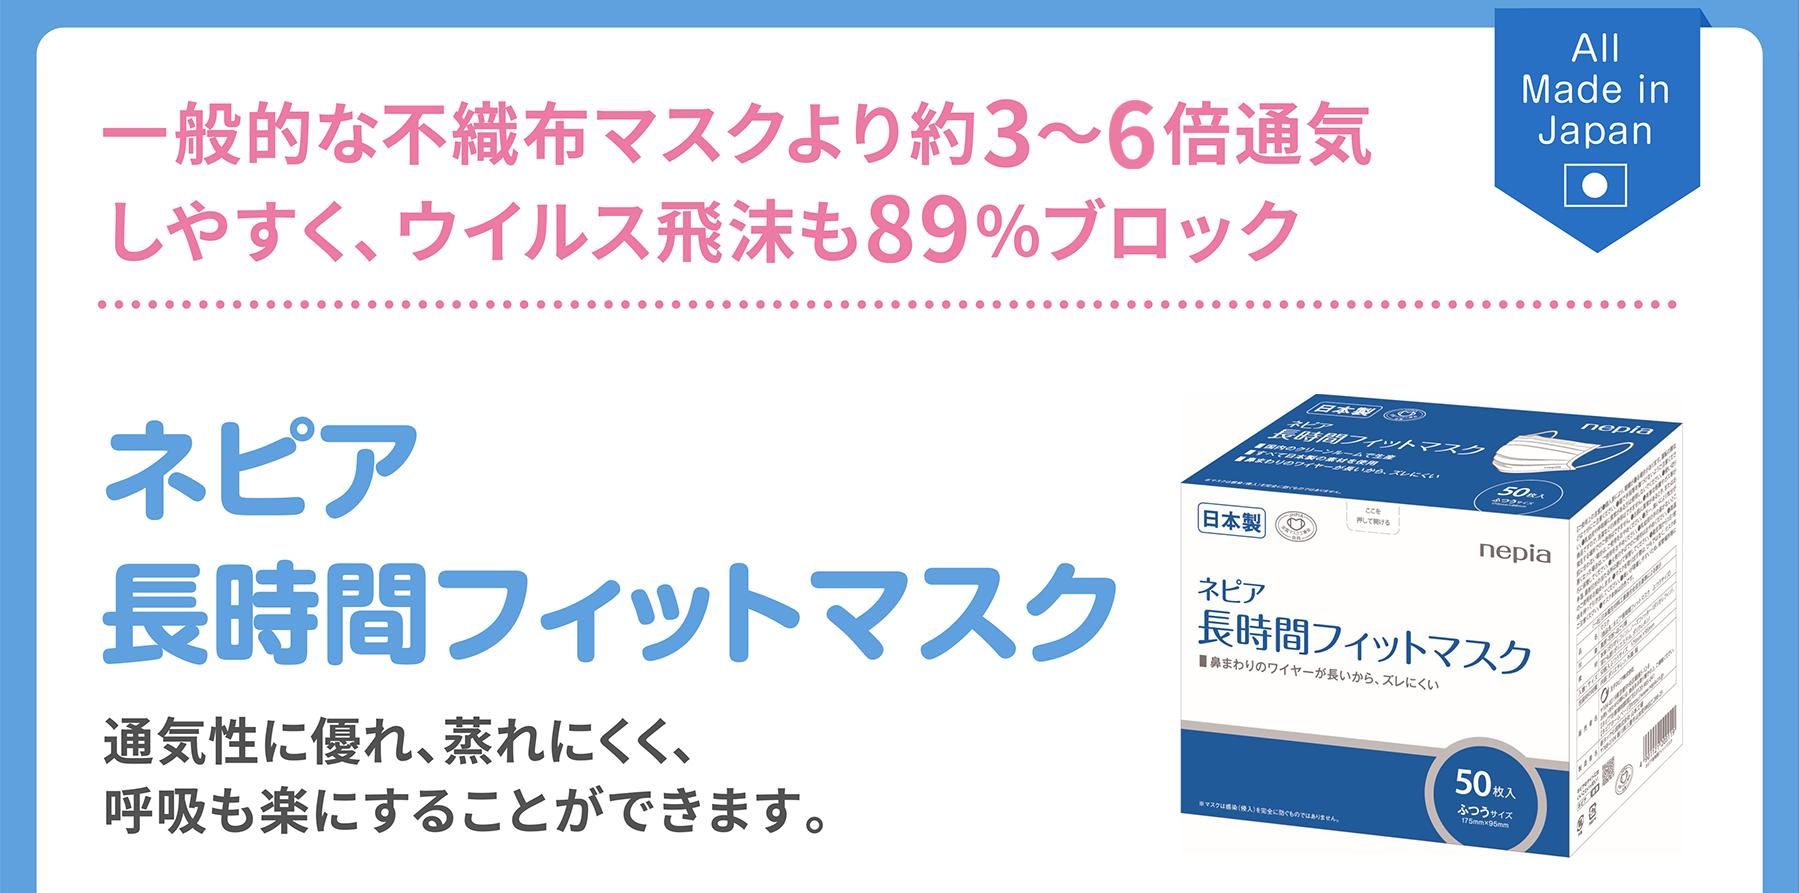 【最新情報】ご要望にお応えして小さめサイズ新登場!